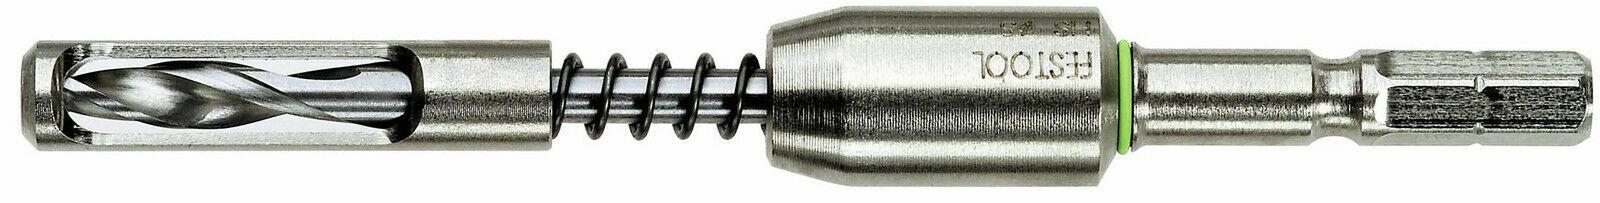 FESTOOL 492525 Zentrierbohrer ZB HS D 5 EURO CE Ø=5 mm für Euroschraube 6,3 mm